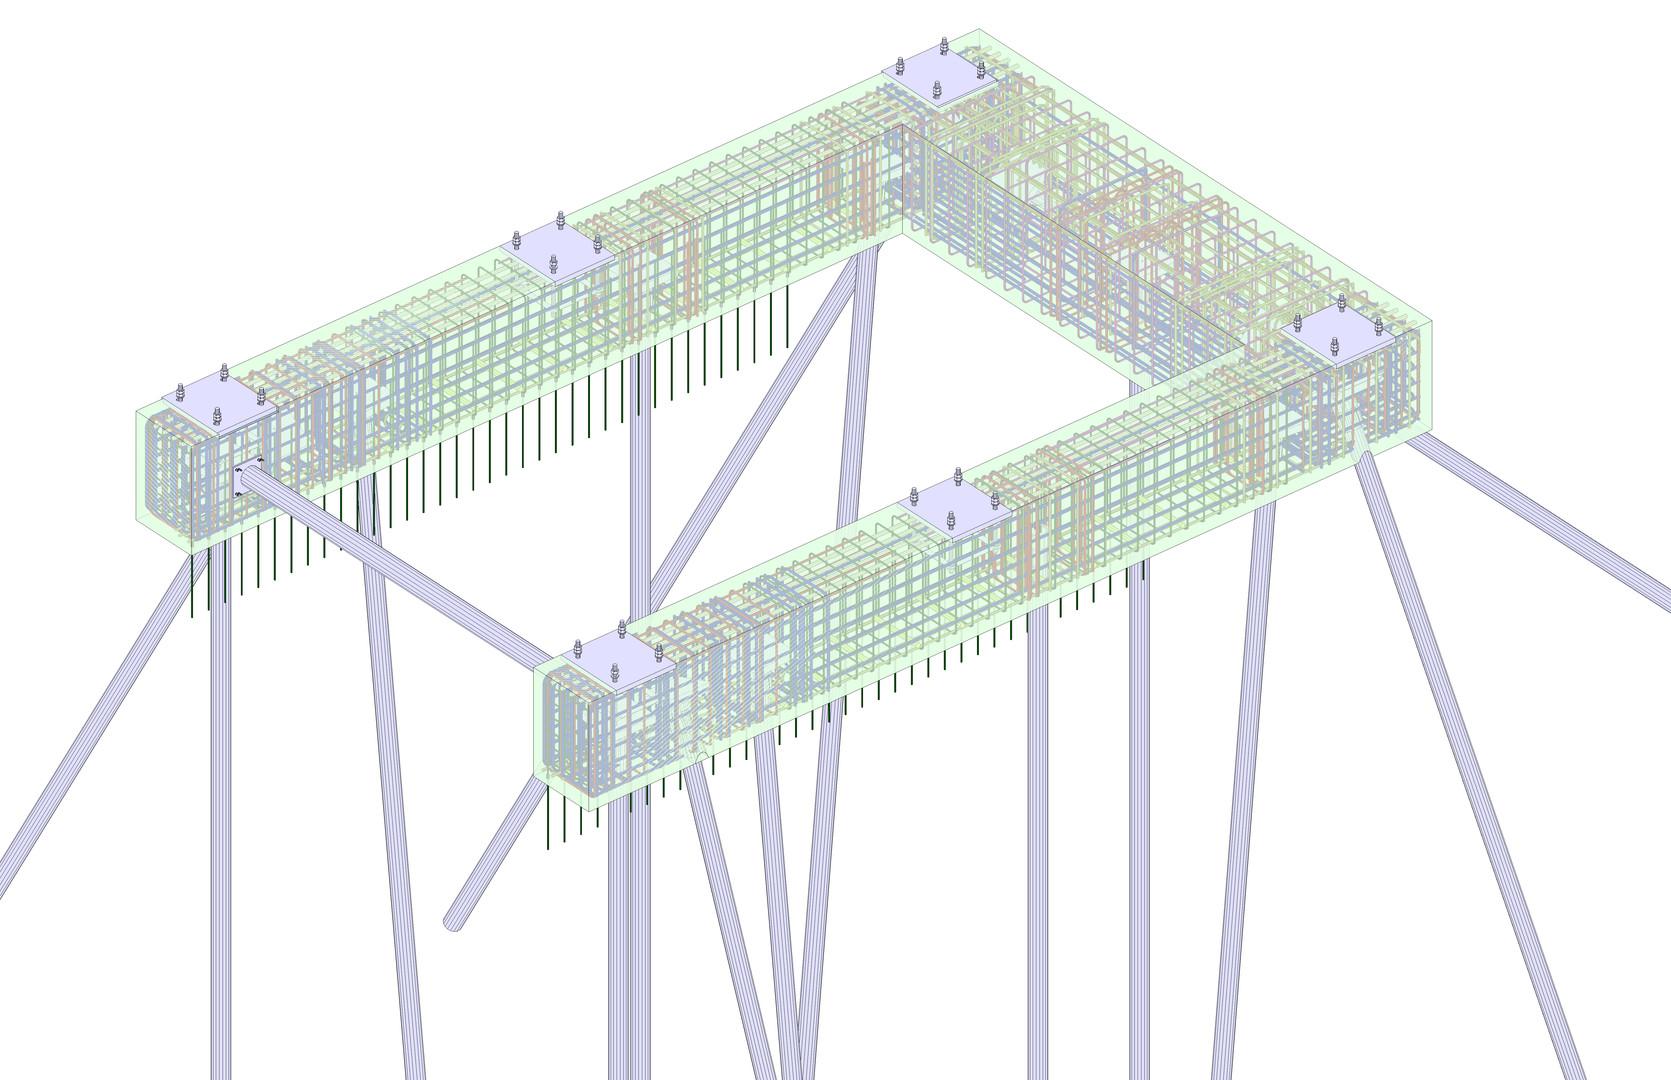 Ingenieurmodell Bewehrung Fundamente Passerelle, ZEB Winterthur, PU Nord und Veloquerung